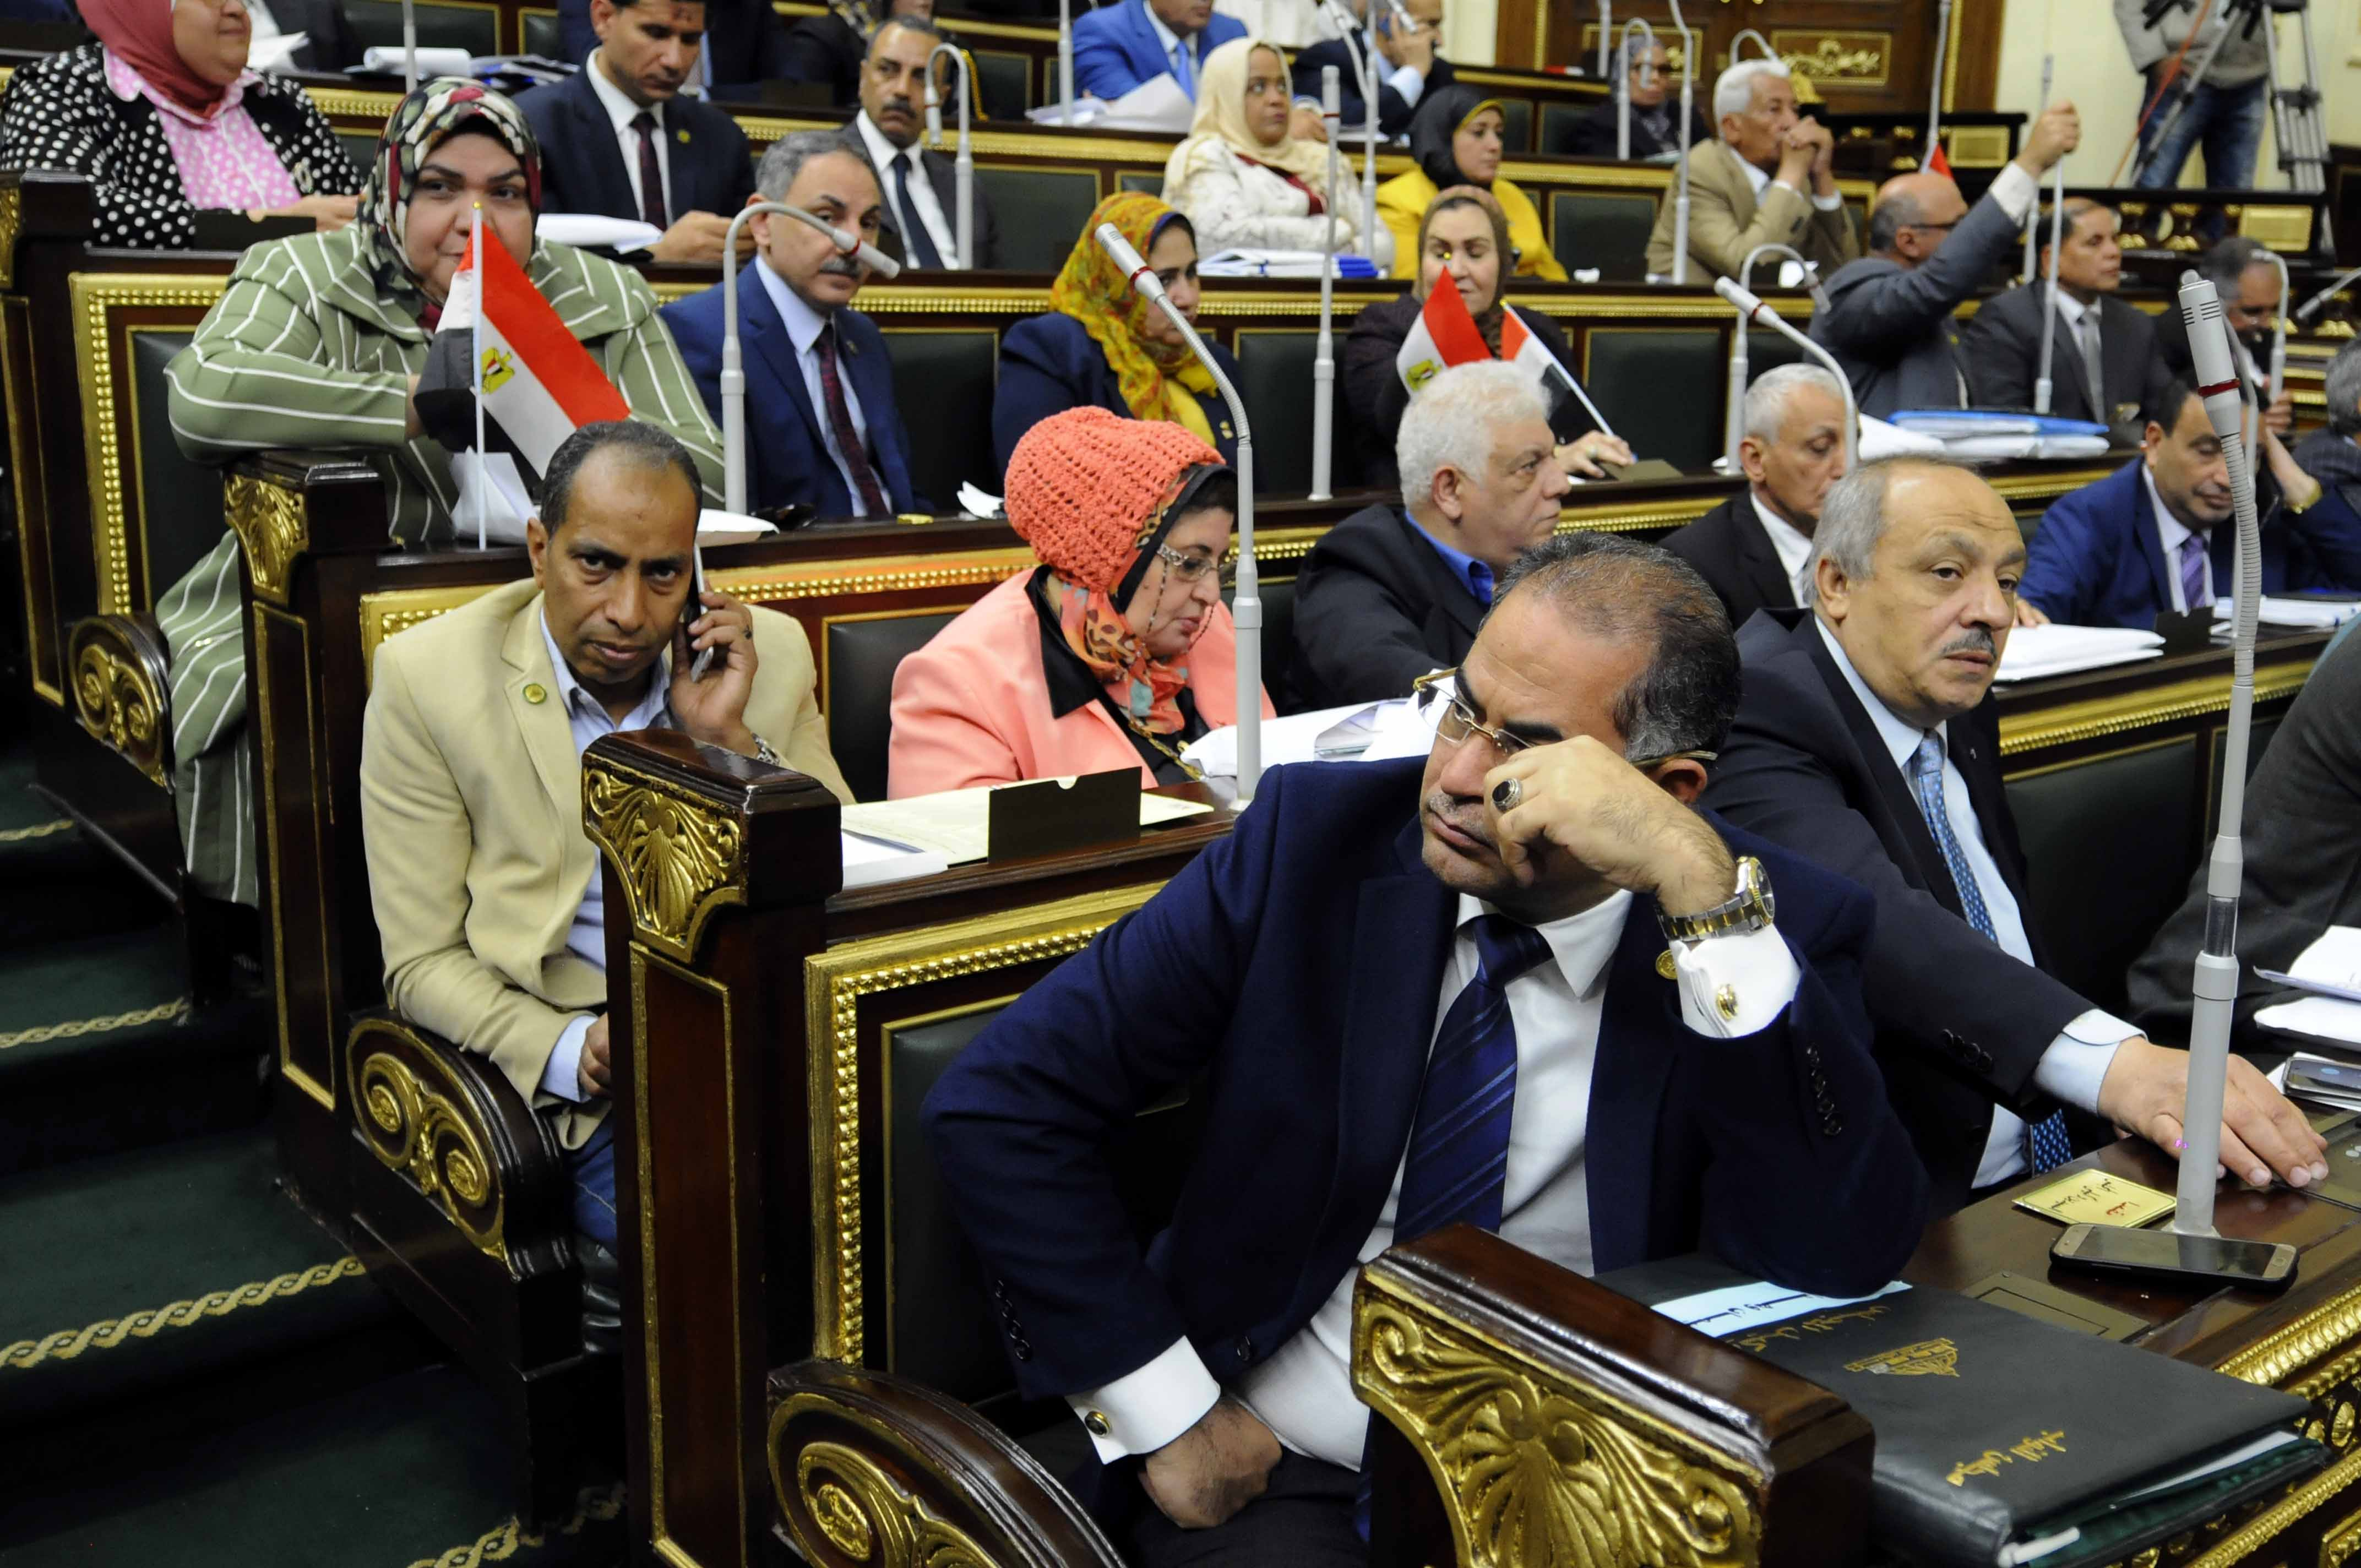 وكيل مجلس النواب المصري سليمان وهدان أثناء جلسة التصويت على التعديلات الدستورية (خاص إندبندنت عربية)